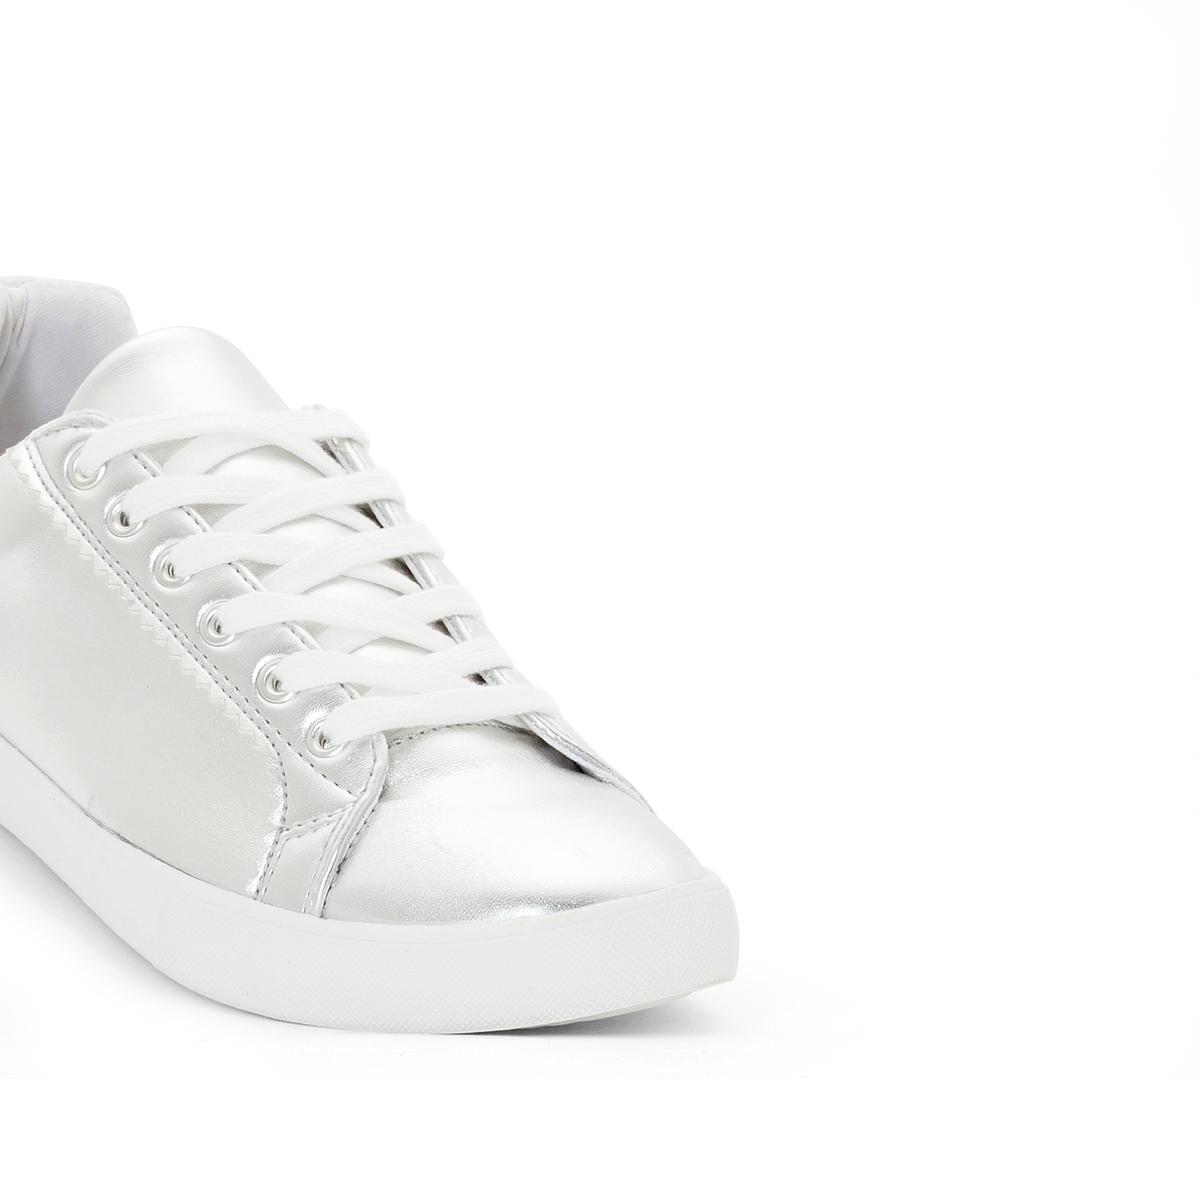 Кеды синтетические на широкую ногу, размеры 38-45Описание:Детали •  Спортивный стиль •  Плоский каблук •  Застежка : шнуровка •  Гладкая отделкаСостав и уход •  Верх 100% полиуретан •  Подкладка 100% хлопок<br><br>Цвет: серебристый<br>Размер: 38.43.40.39.45.44